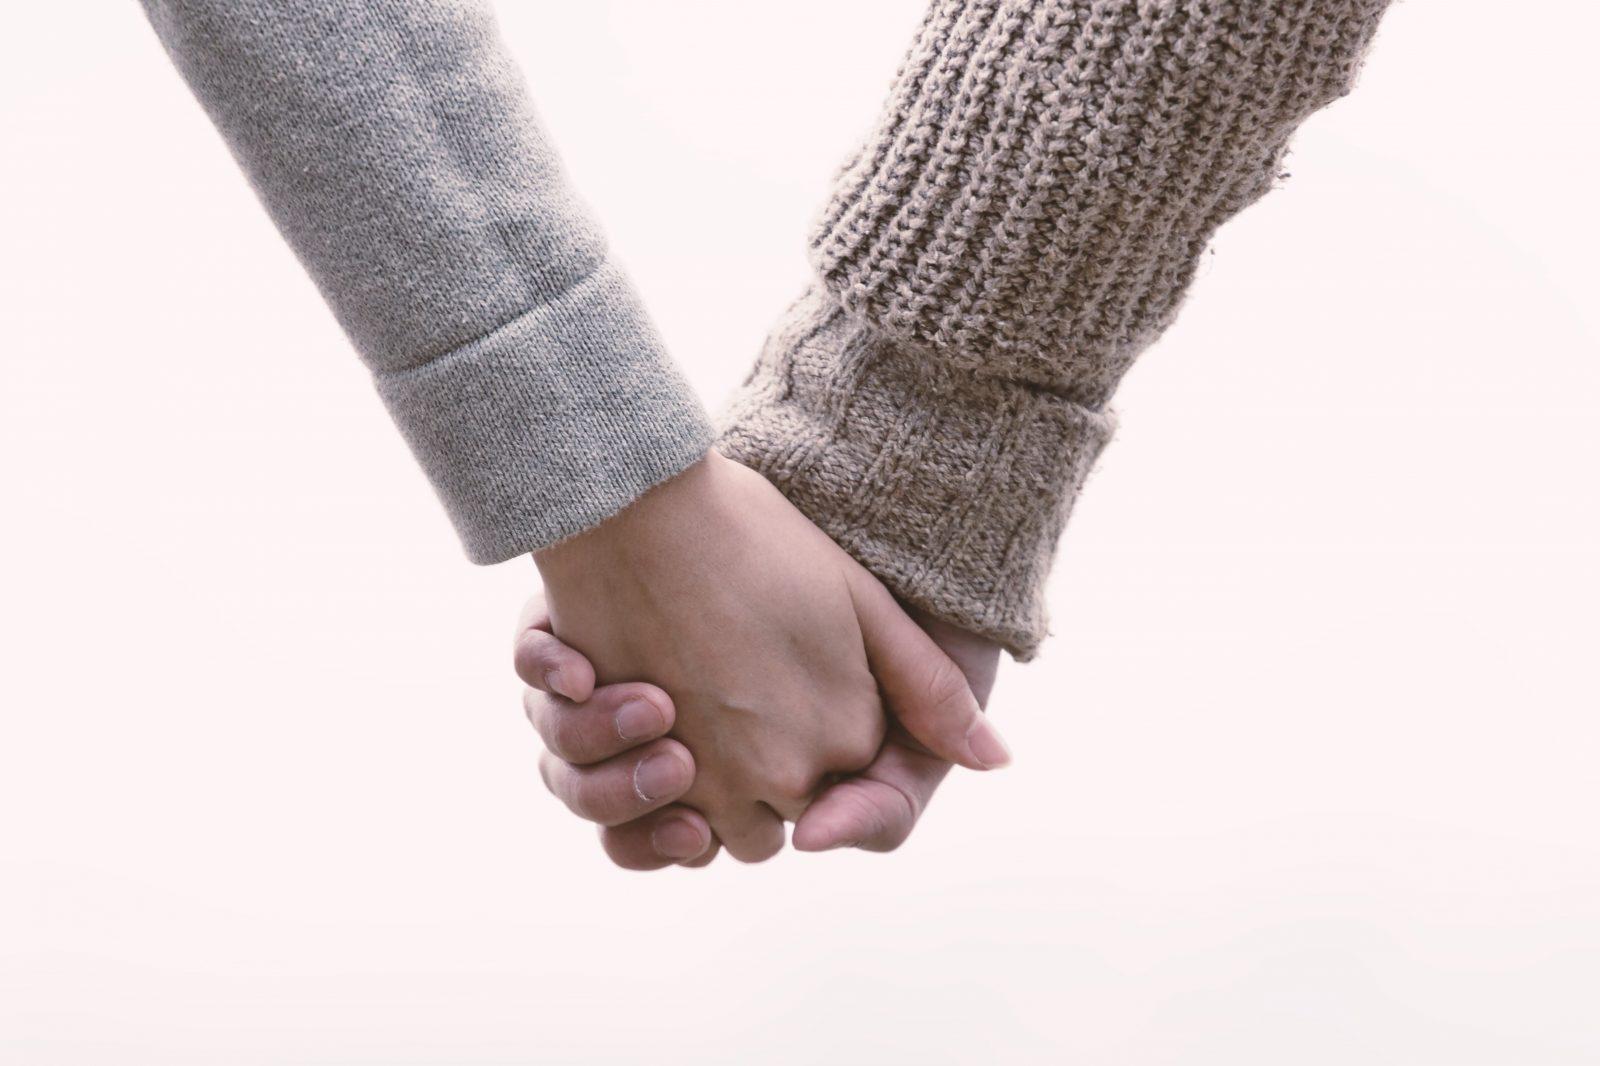 男女で違う手をつなぐ気持ち!付き合っていないのに手をつなぐ心理とは?